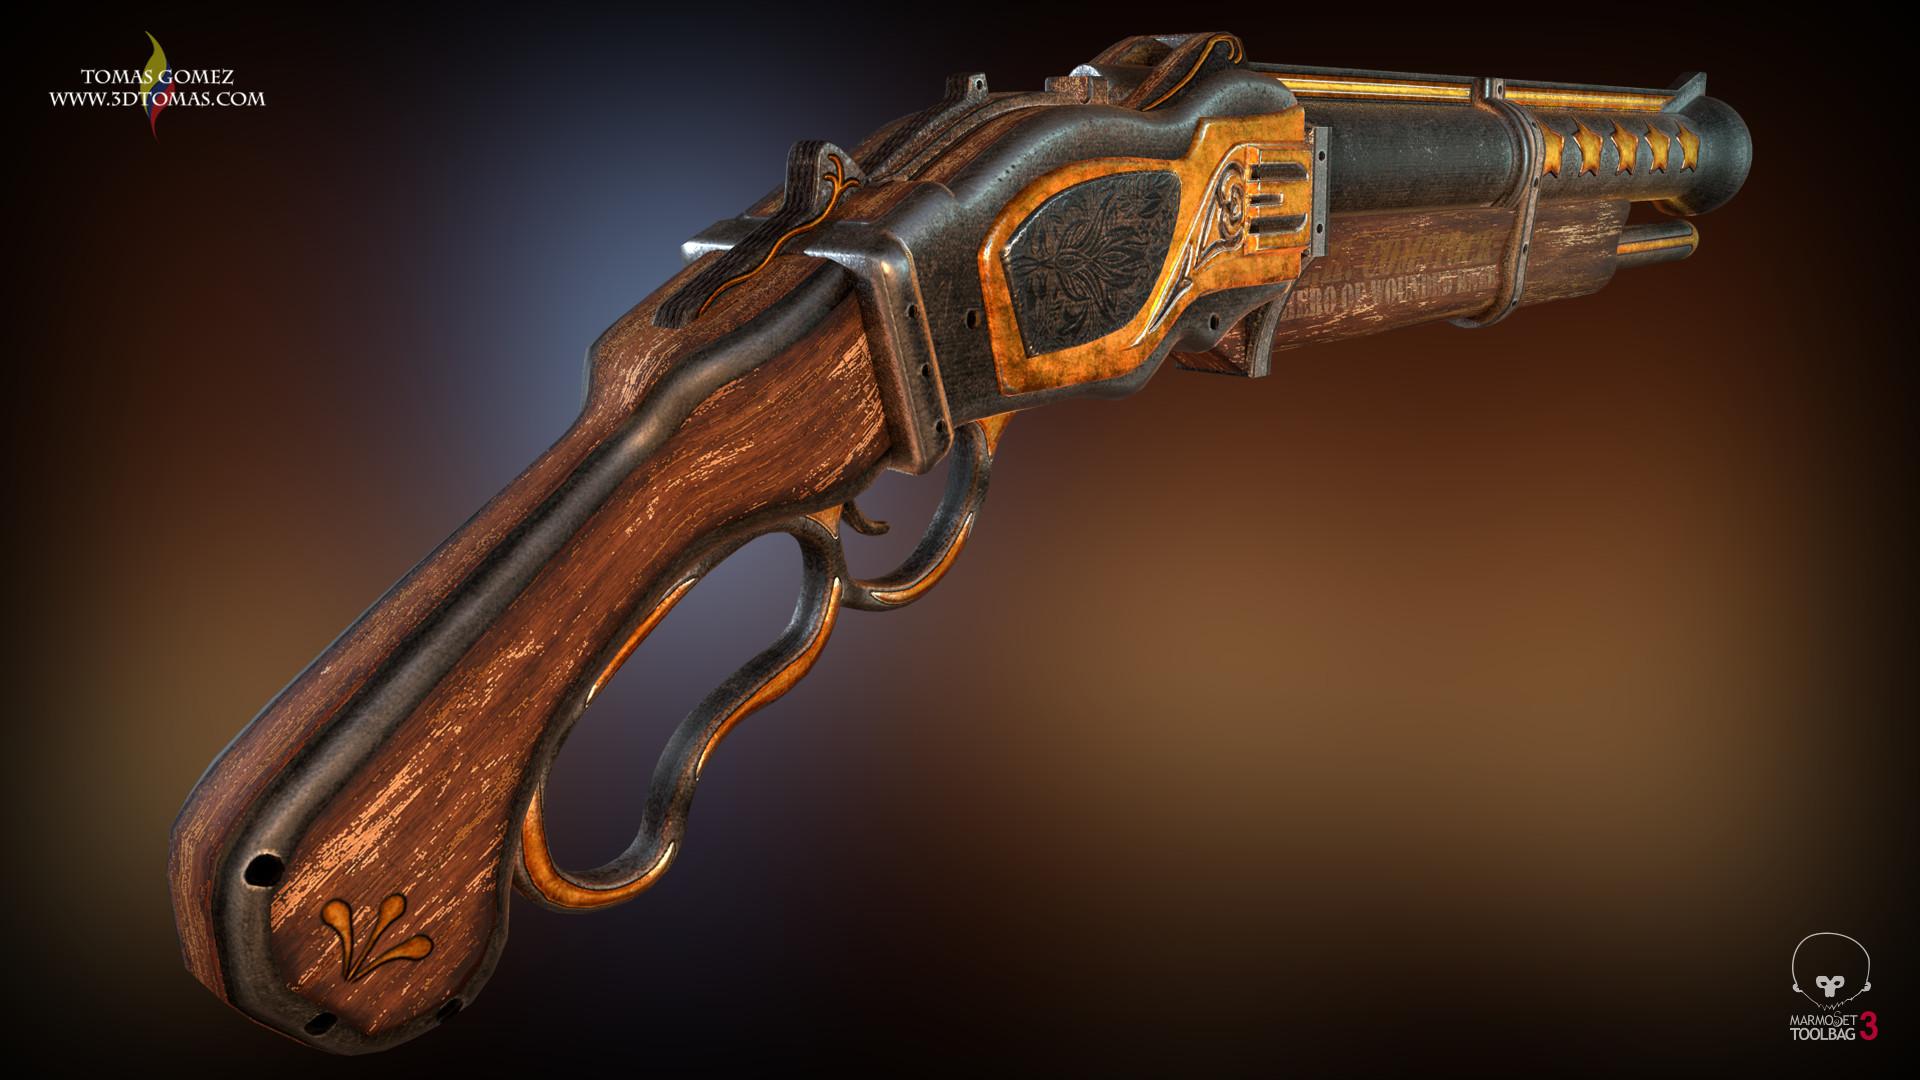 Tomas gomez shotgun4